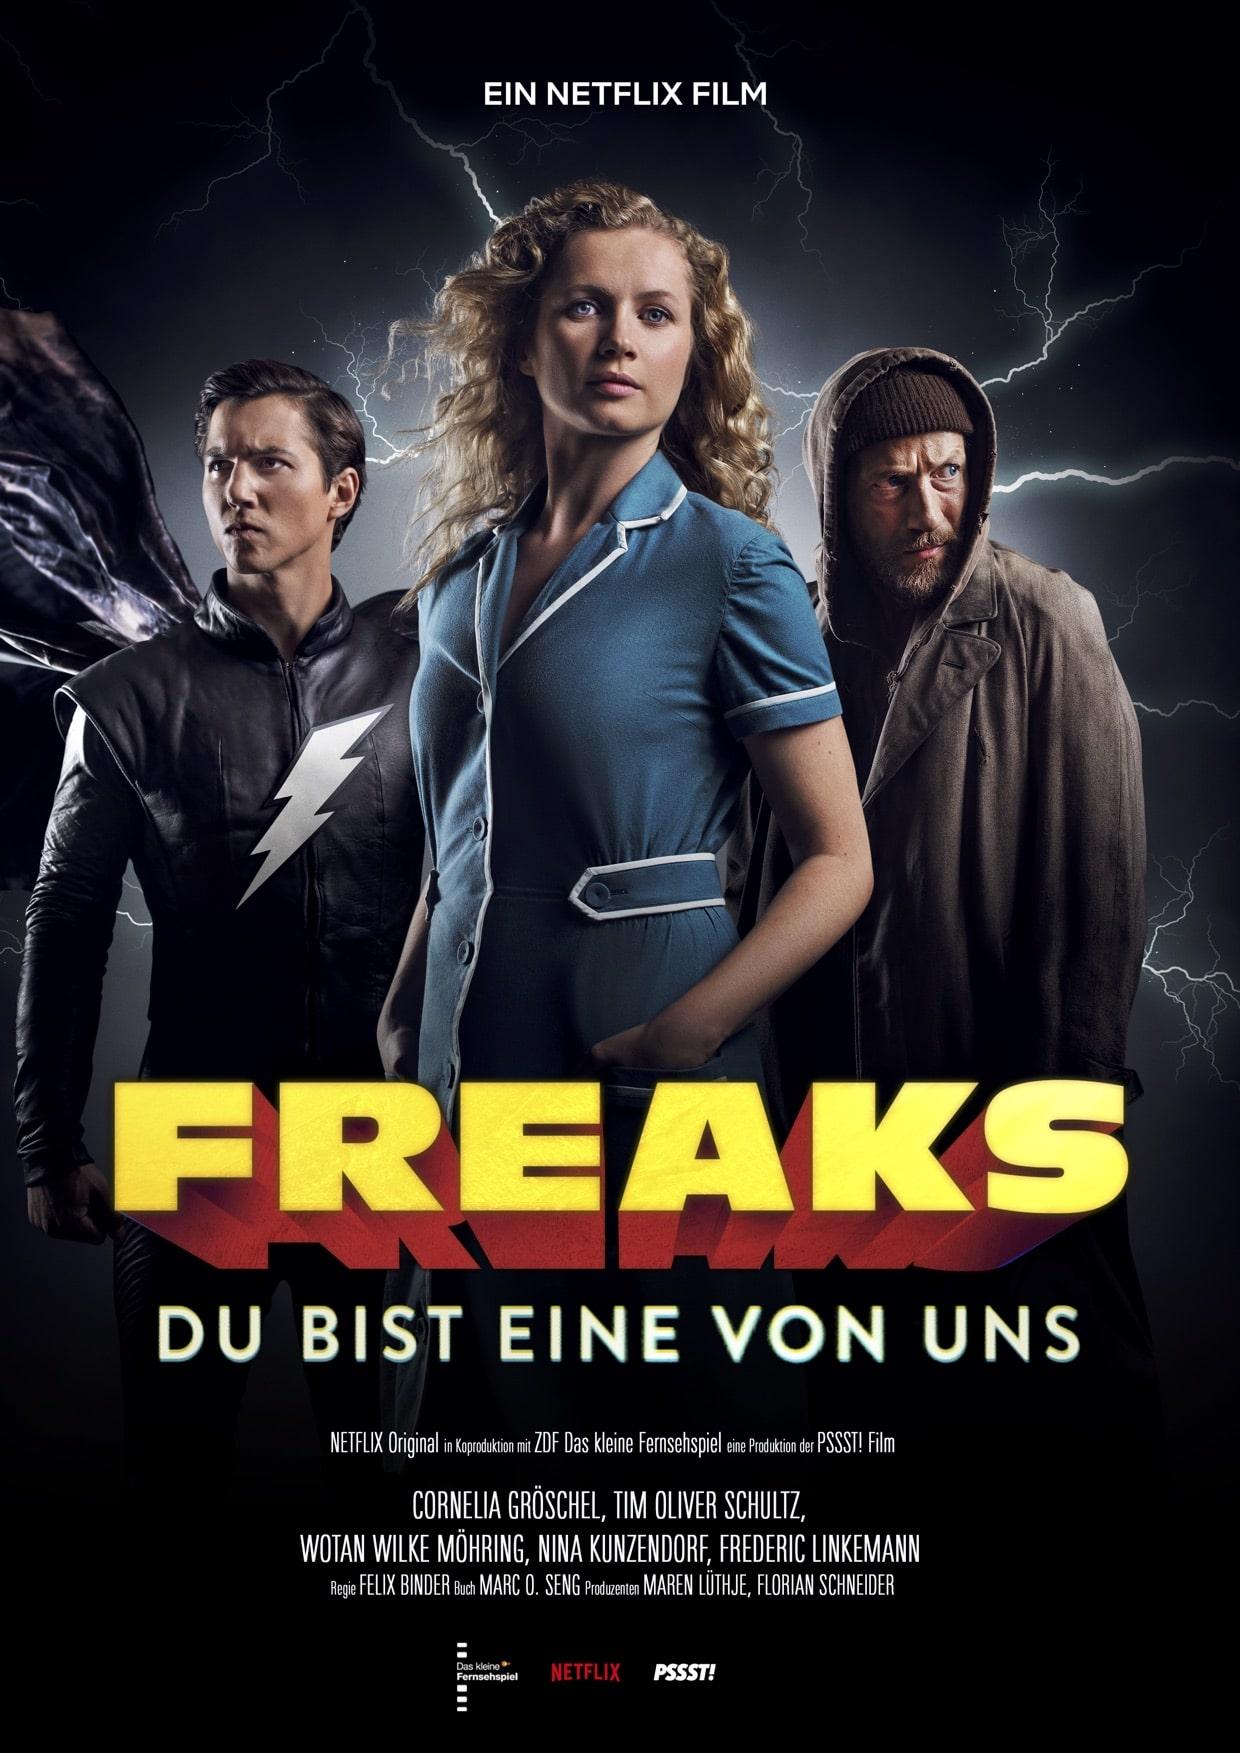 Das Poster des Films Freaks - Du bist eine von uns zeigt die drei Protagonisten vor Blitzen im Hintergrund